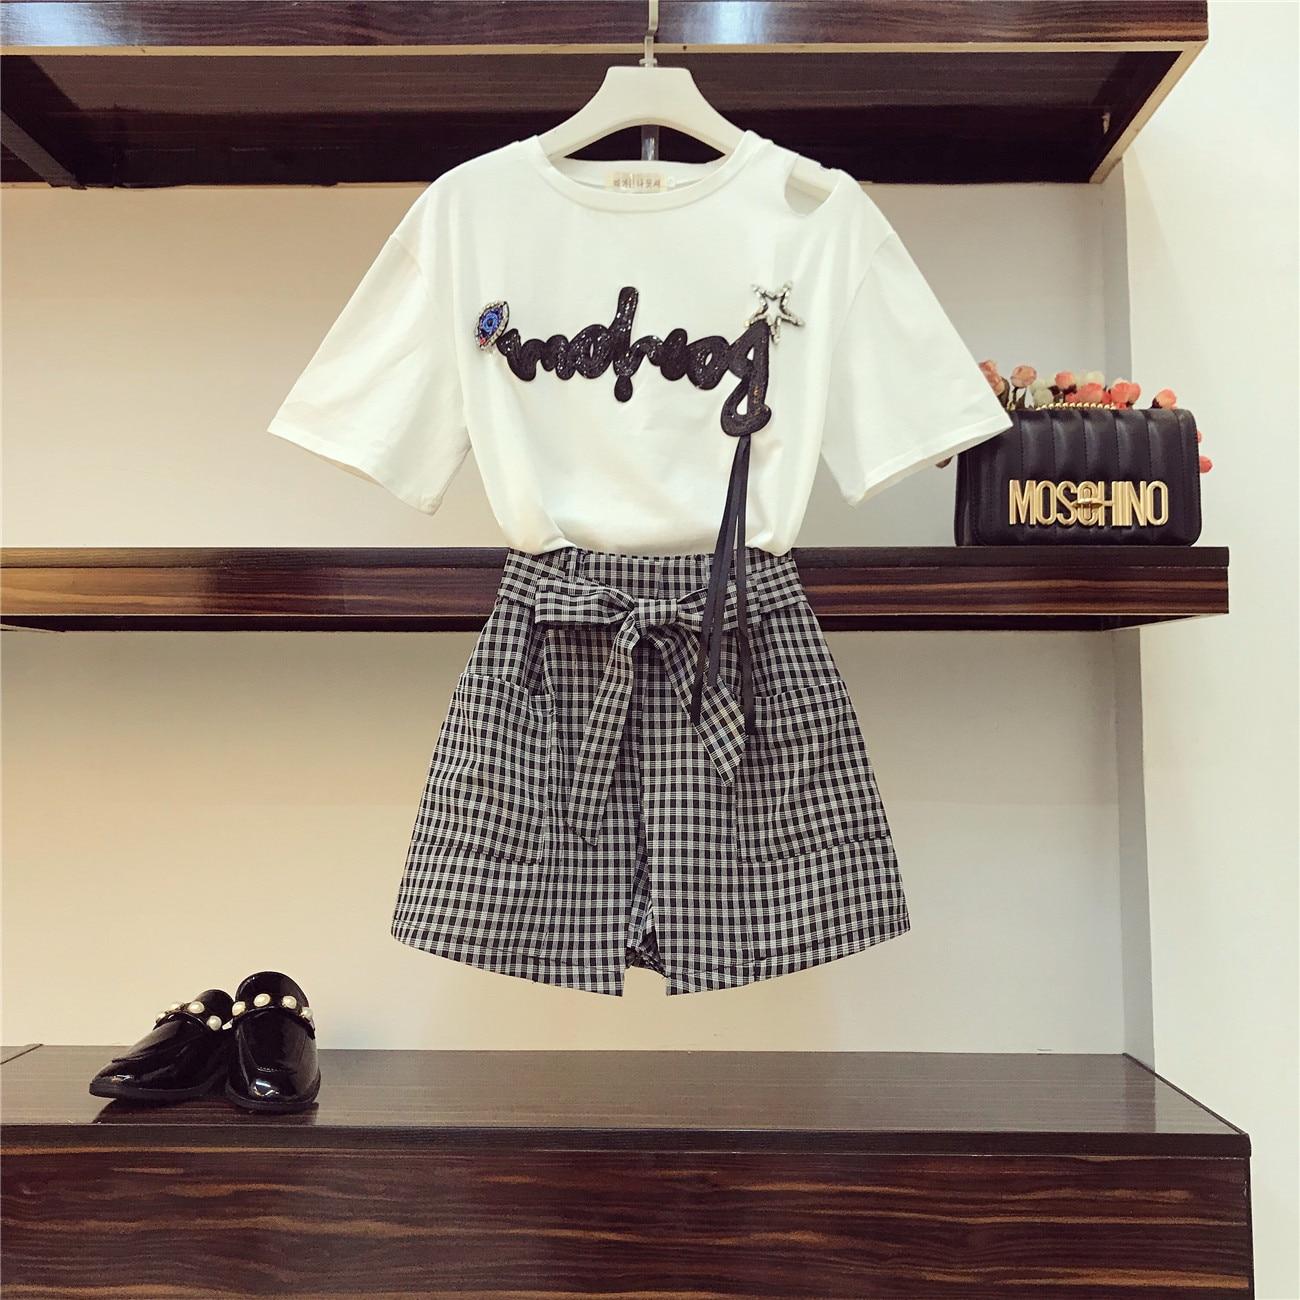 6615b430e 2019 nueva moda verano mujeres estéreo Cisne lentejuelas bordado camiseta  Top + botones rojos una línea falda Twinset señoras falda